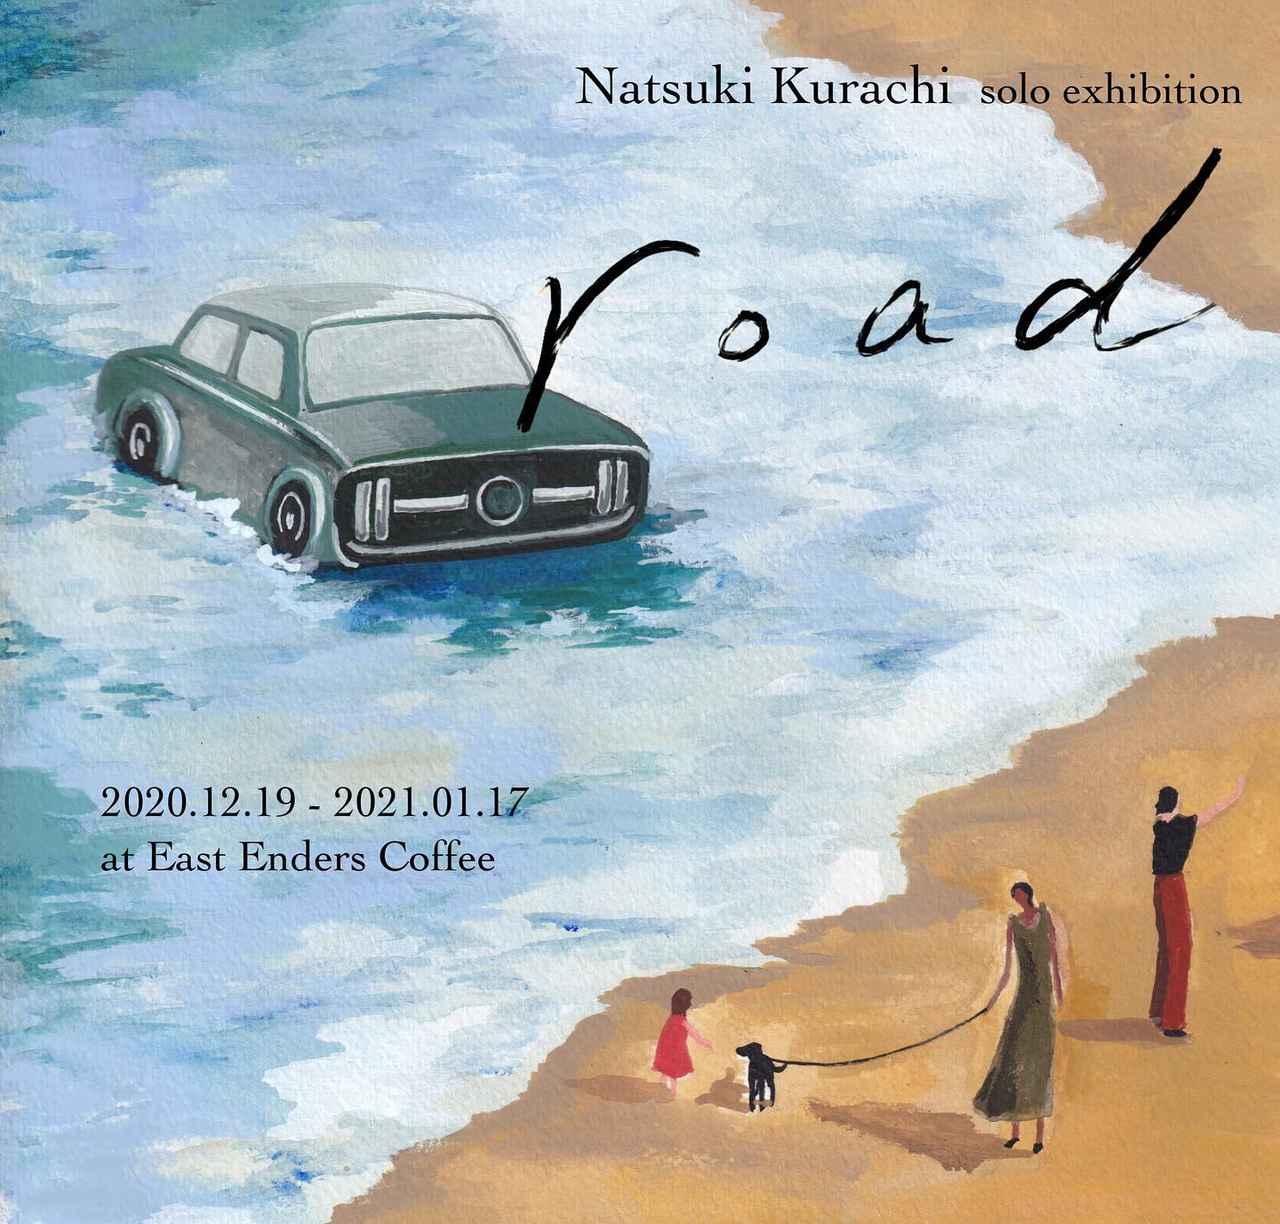 画像1: 愛知県豊田市にある East Enders Coffeeにて 【くらちなつき 個展「ROAD」】が開催中です。